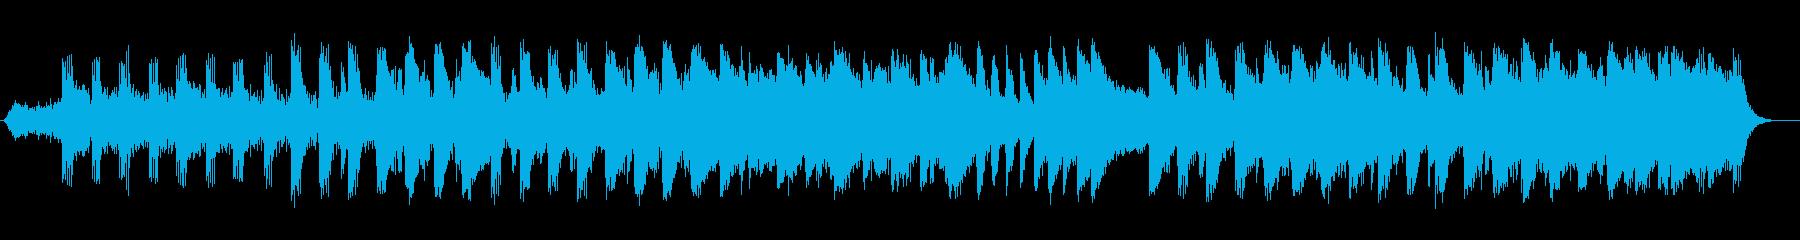 神秘的な弦楽器シンセサイザーサウンドの再生済みの波形